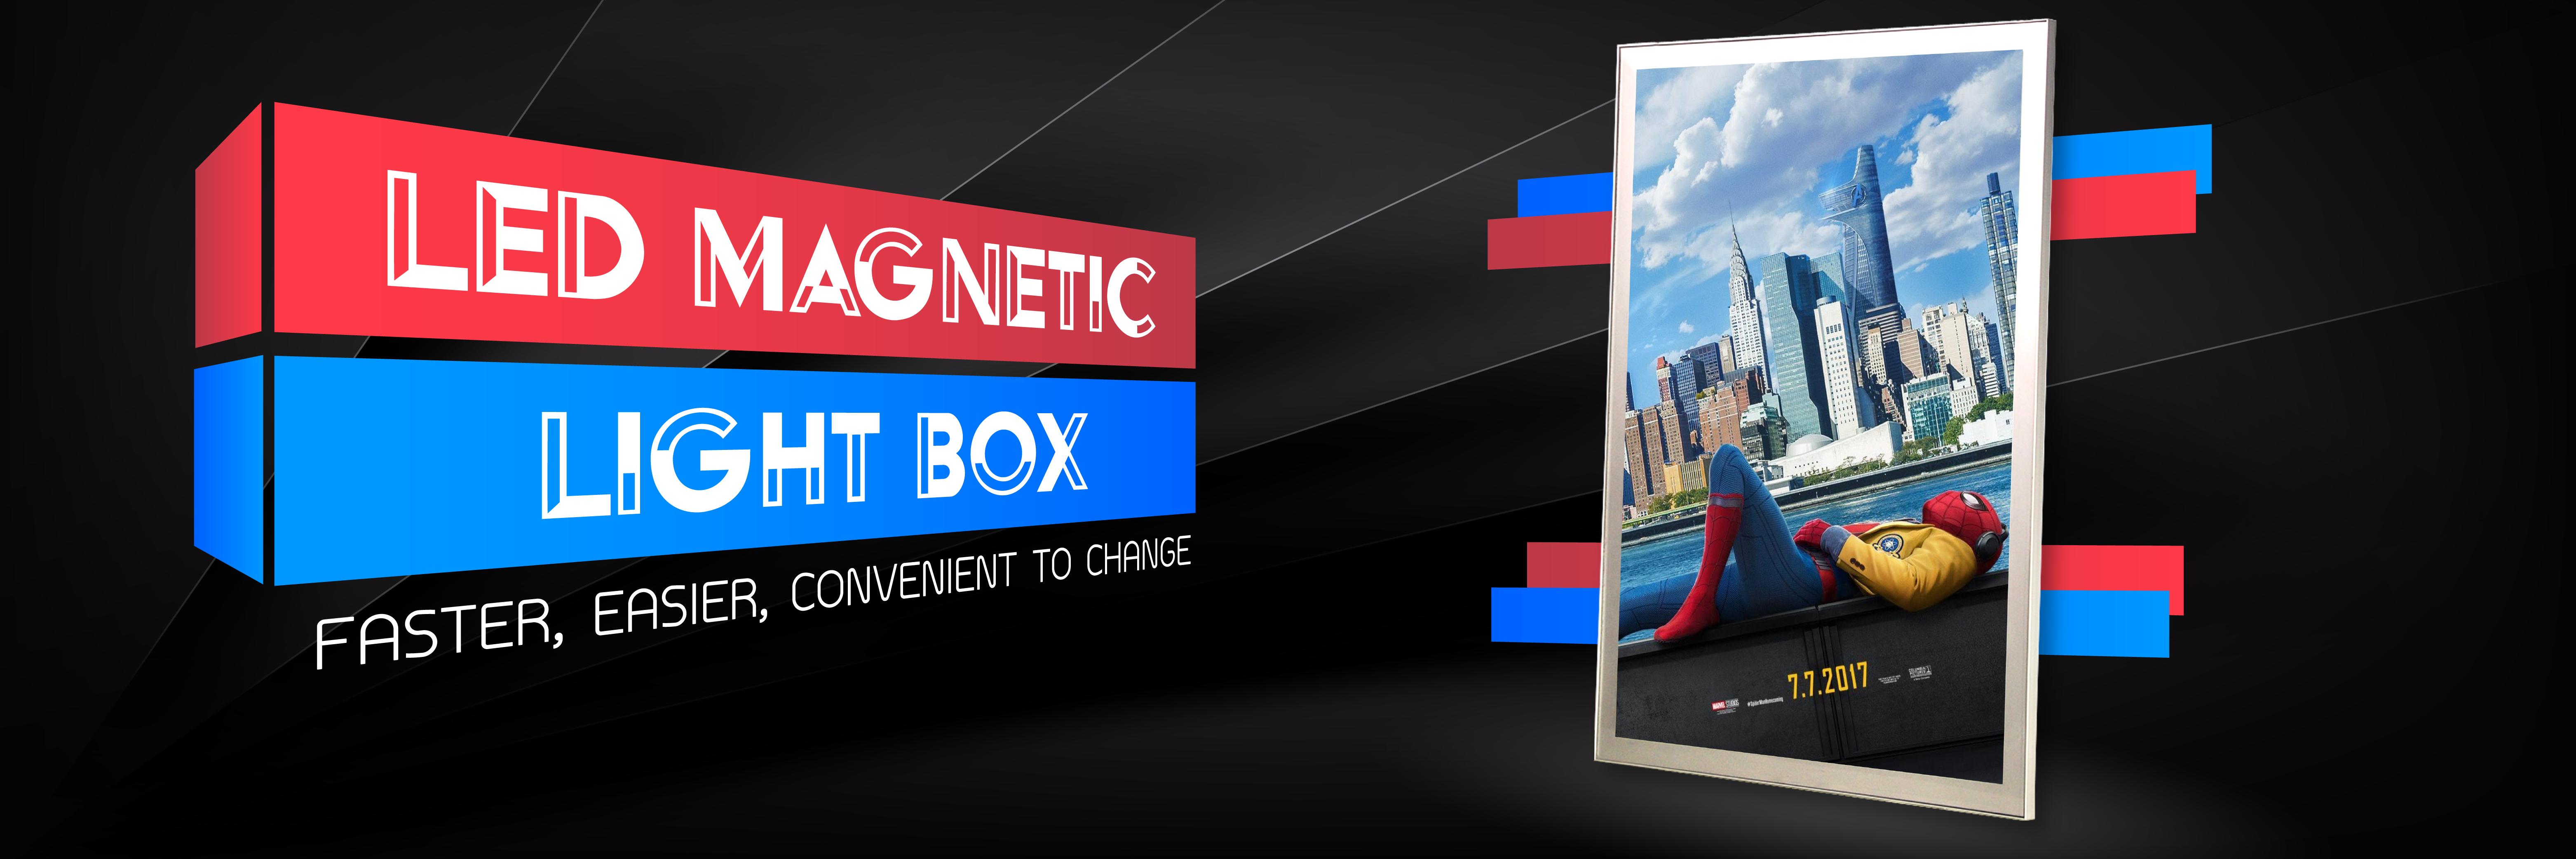 Led Magnetic Light Box Malaysia Signage